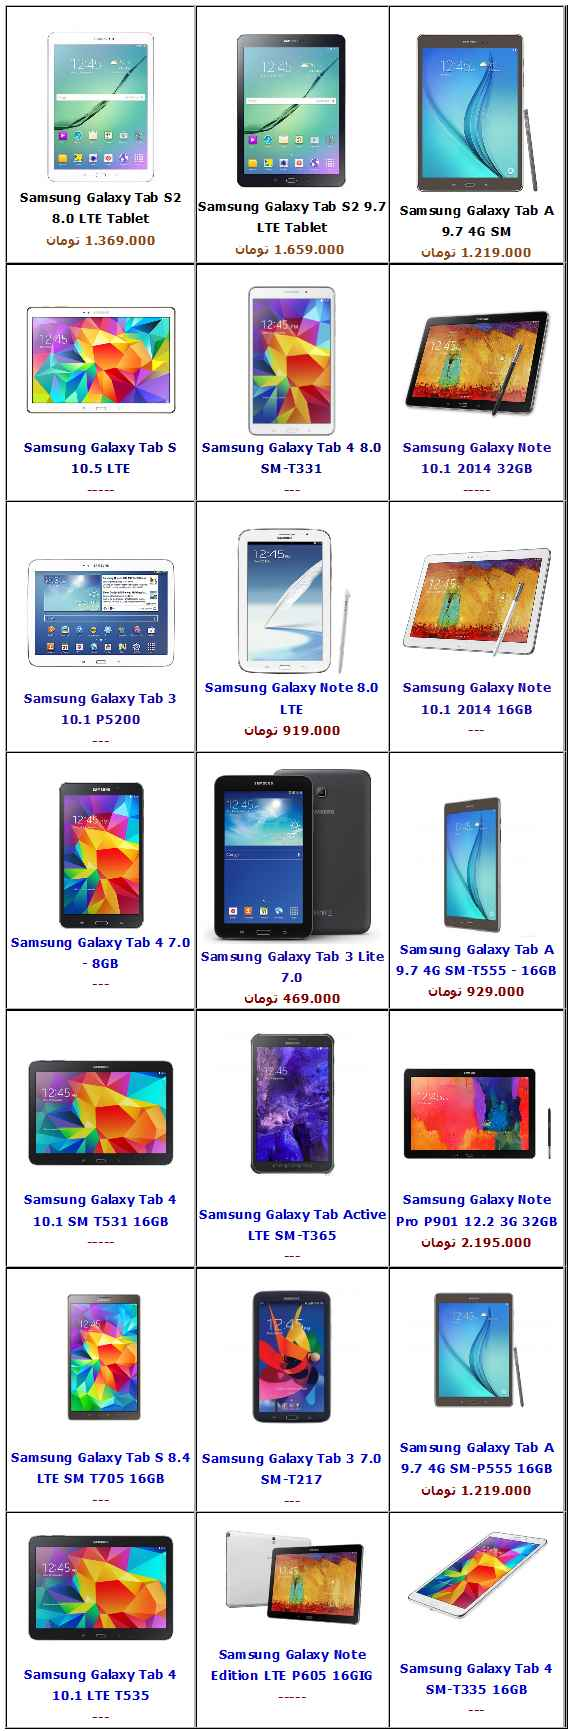 جدول/ جدیدترین قیمت انواع تبلت samsung